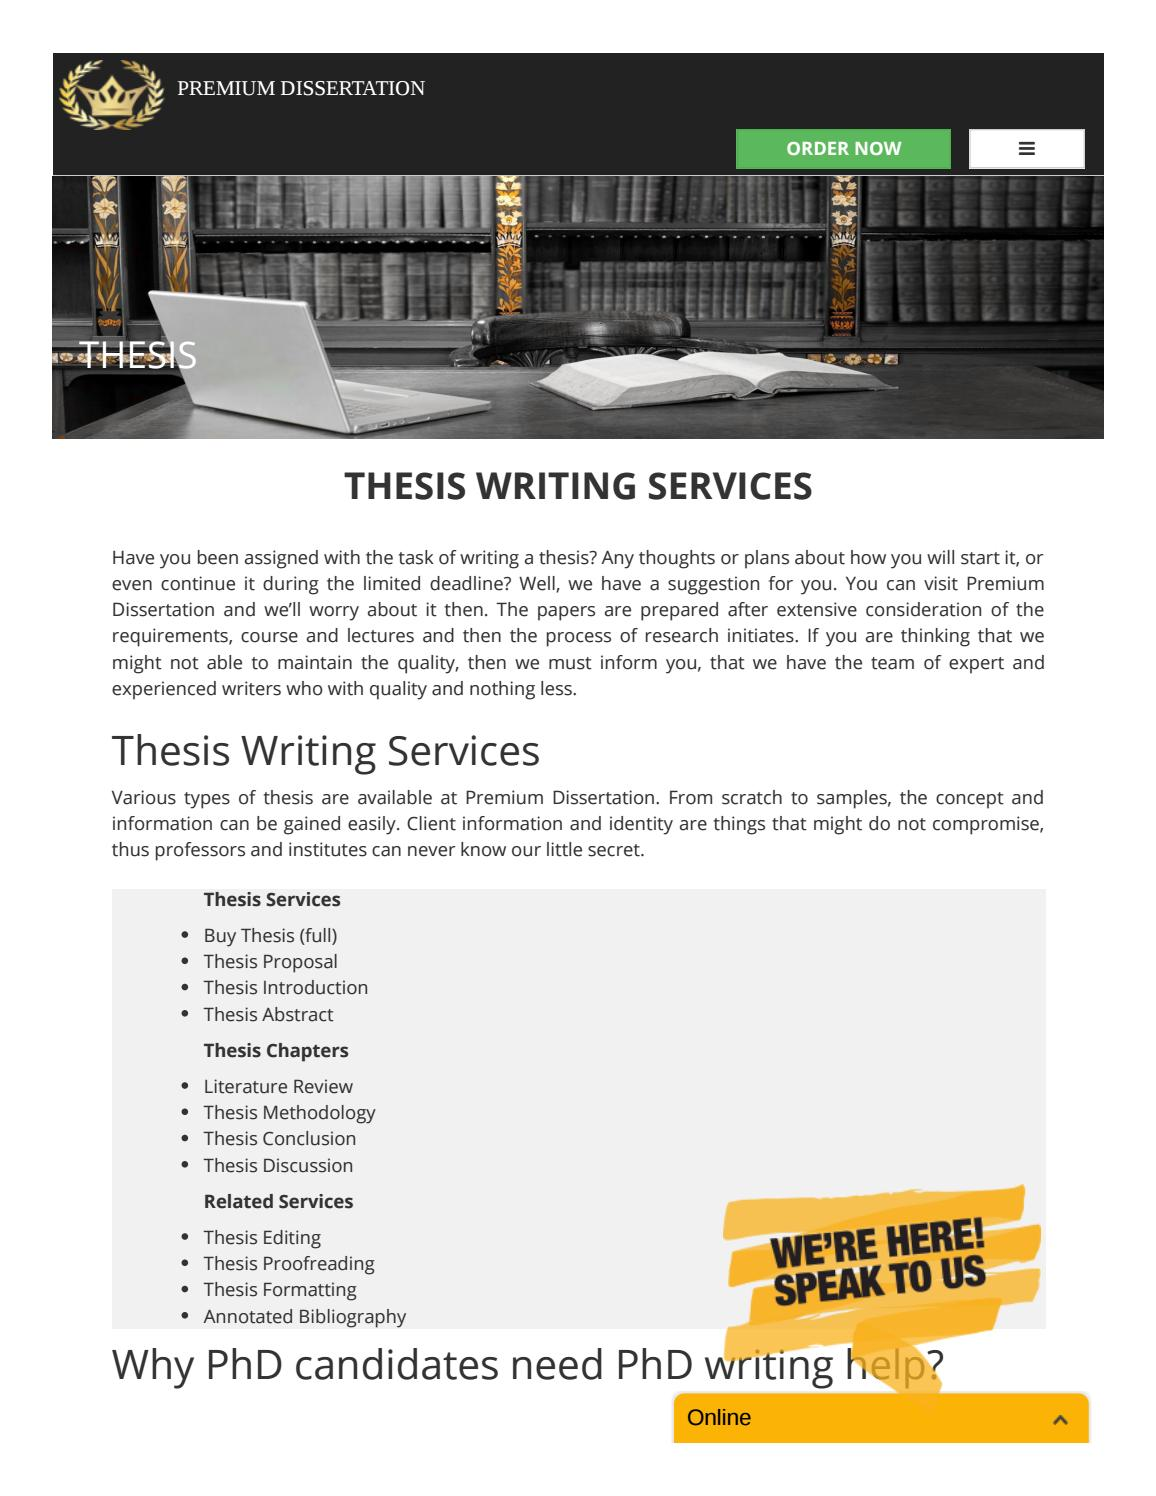 Custom dissertation chapter writer site